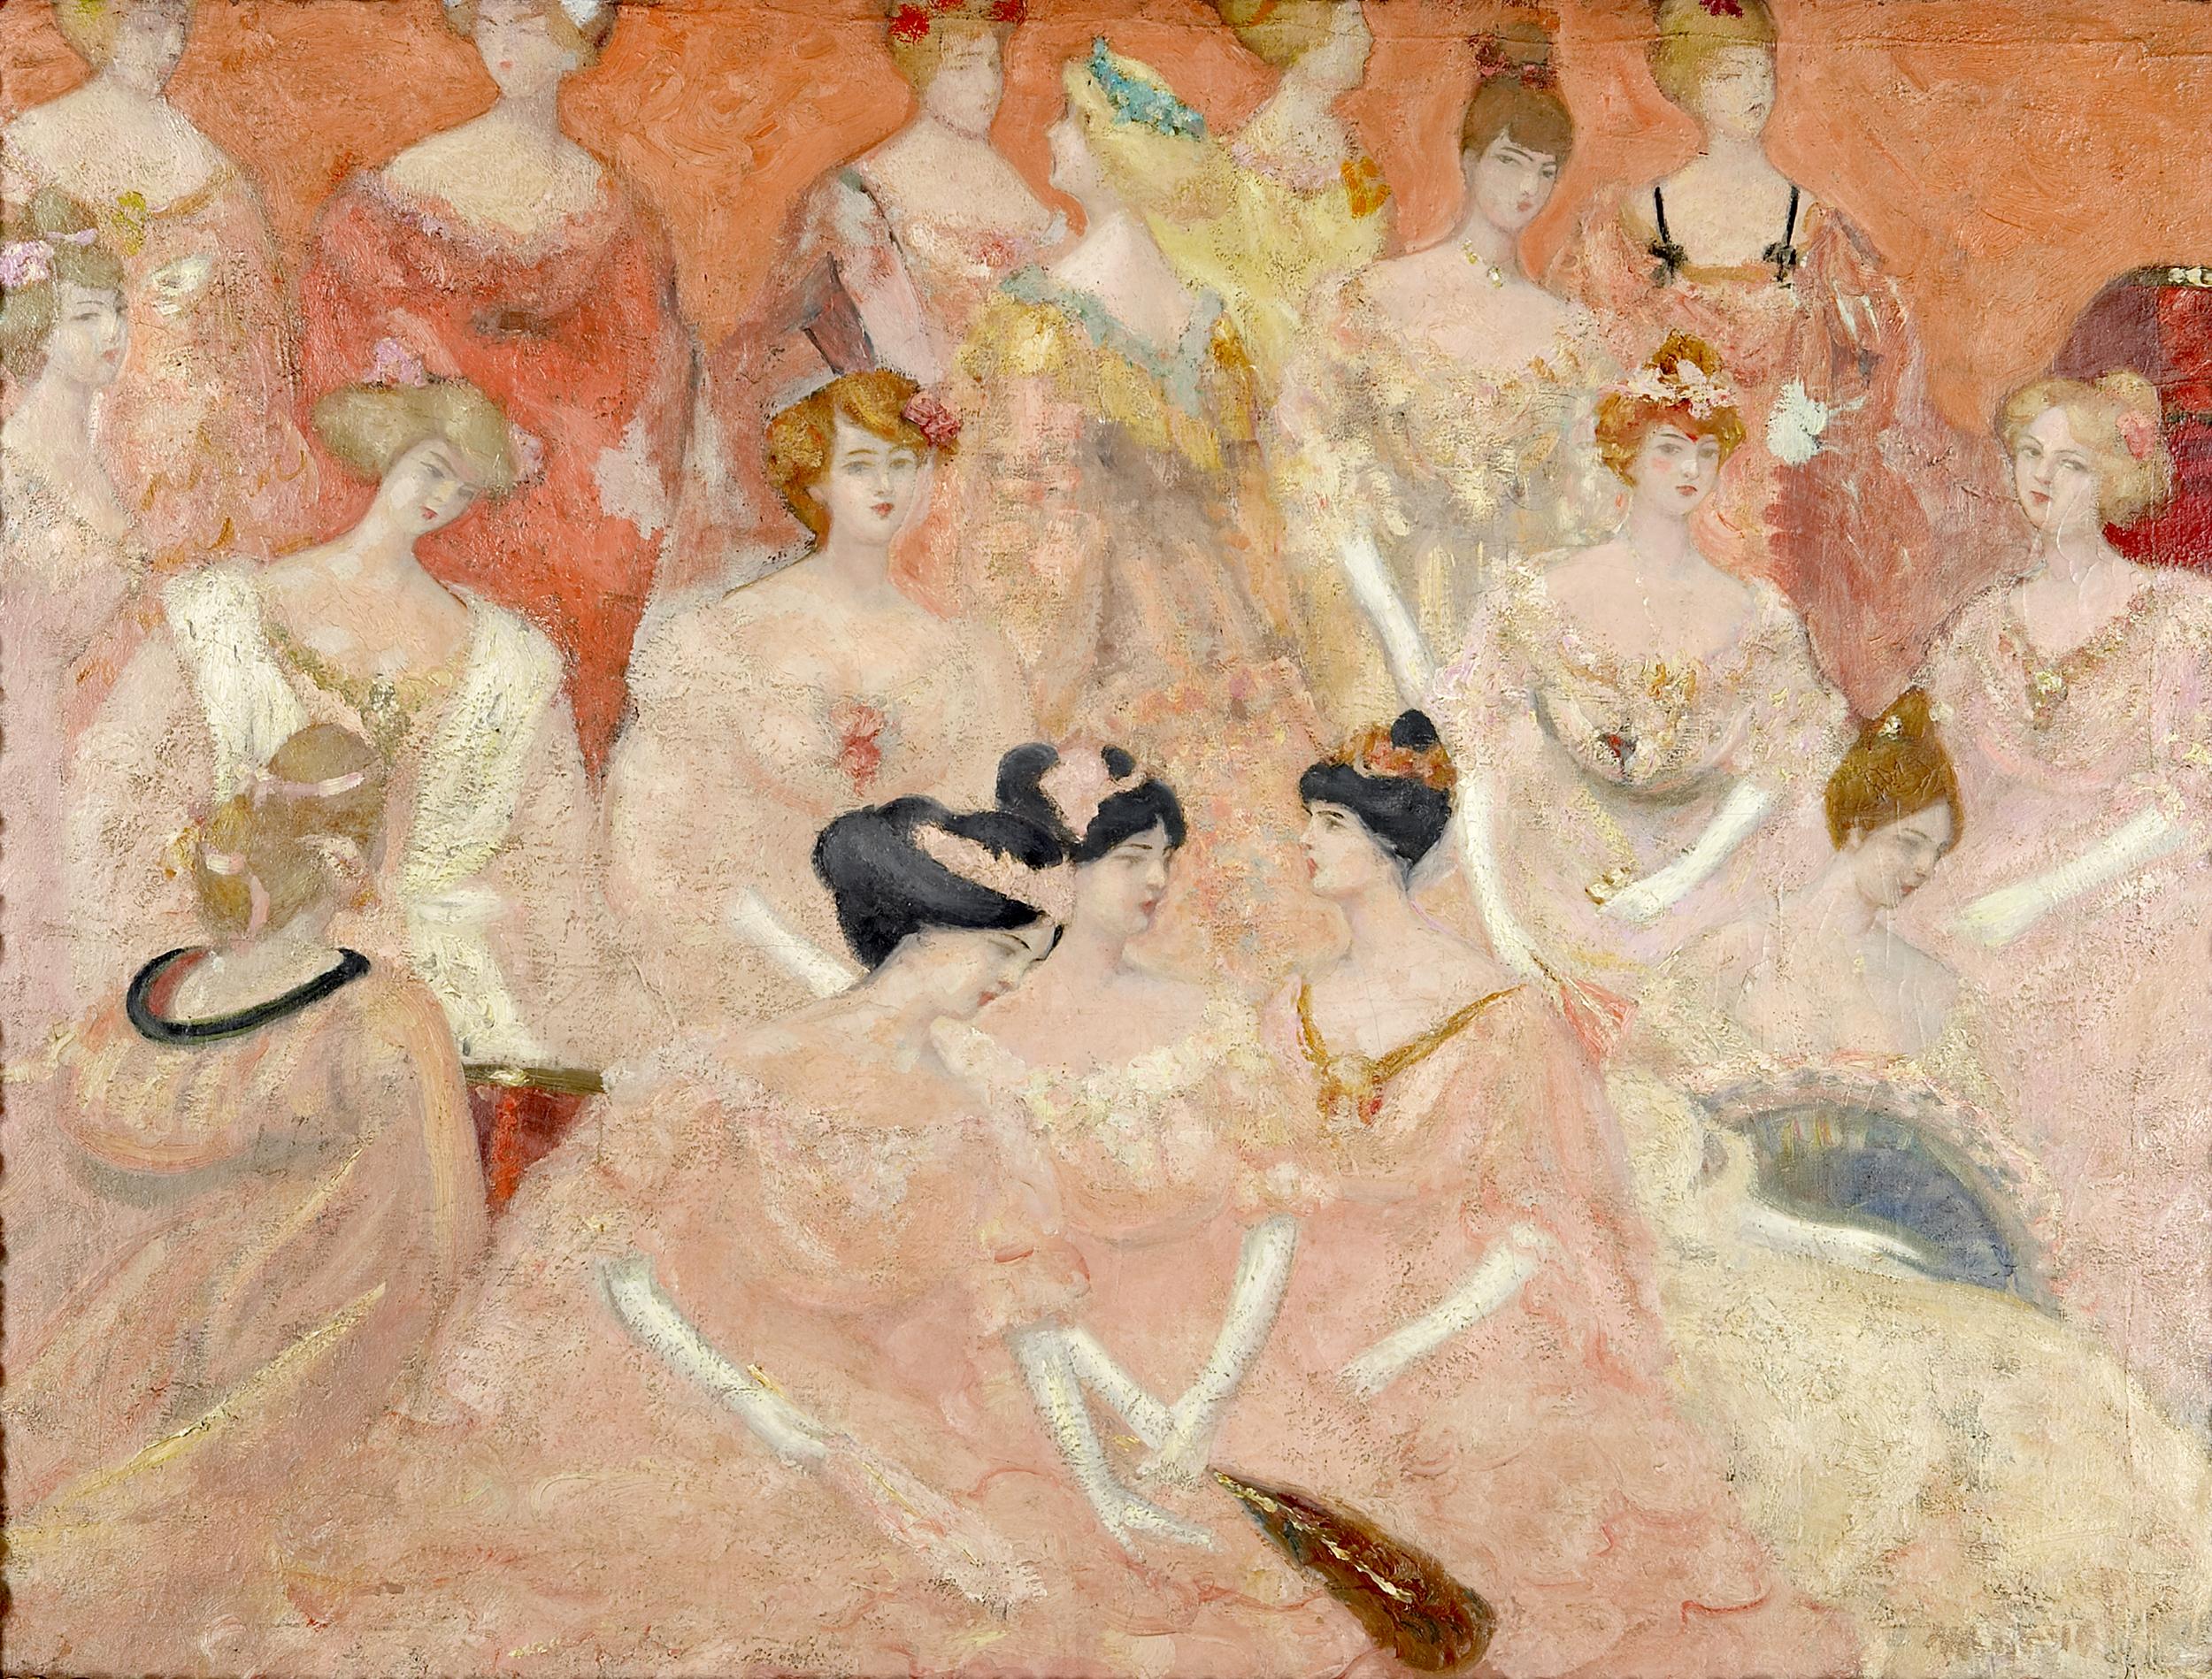 La Duchesse de Montbazon, Jacqueline Marval, 1904